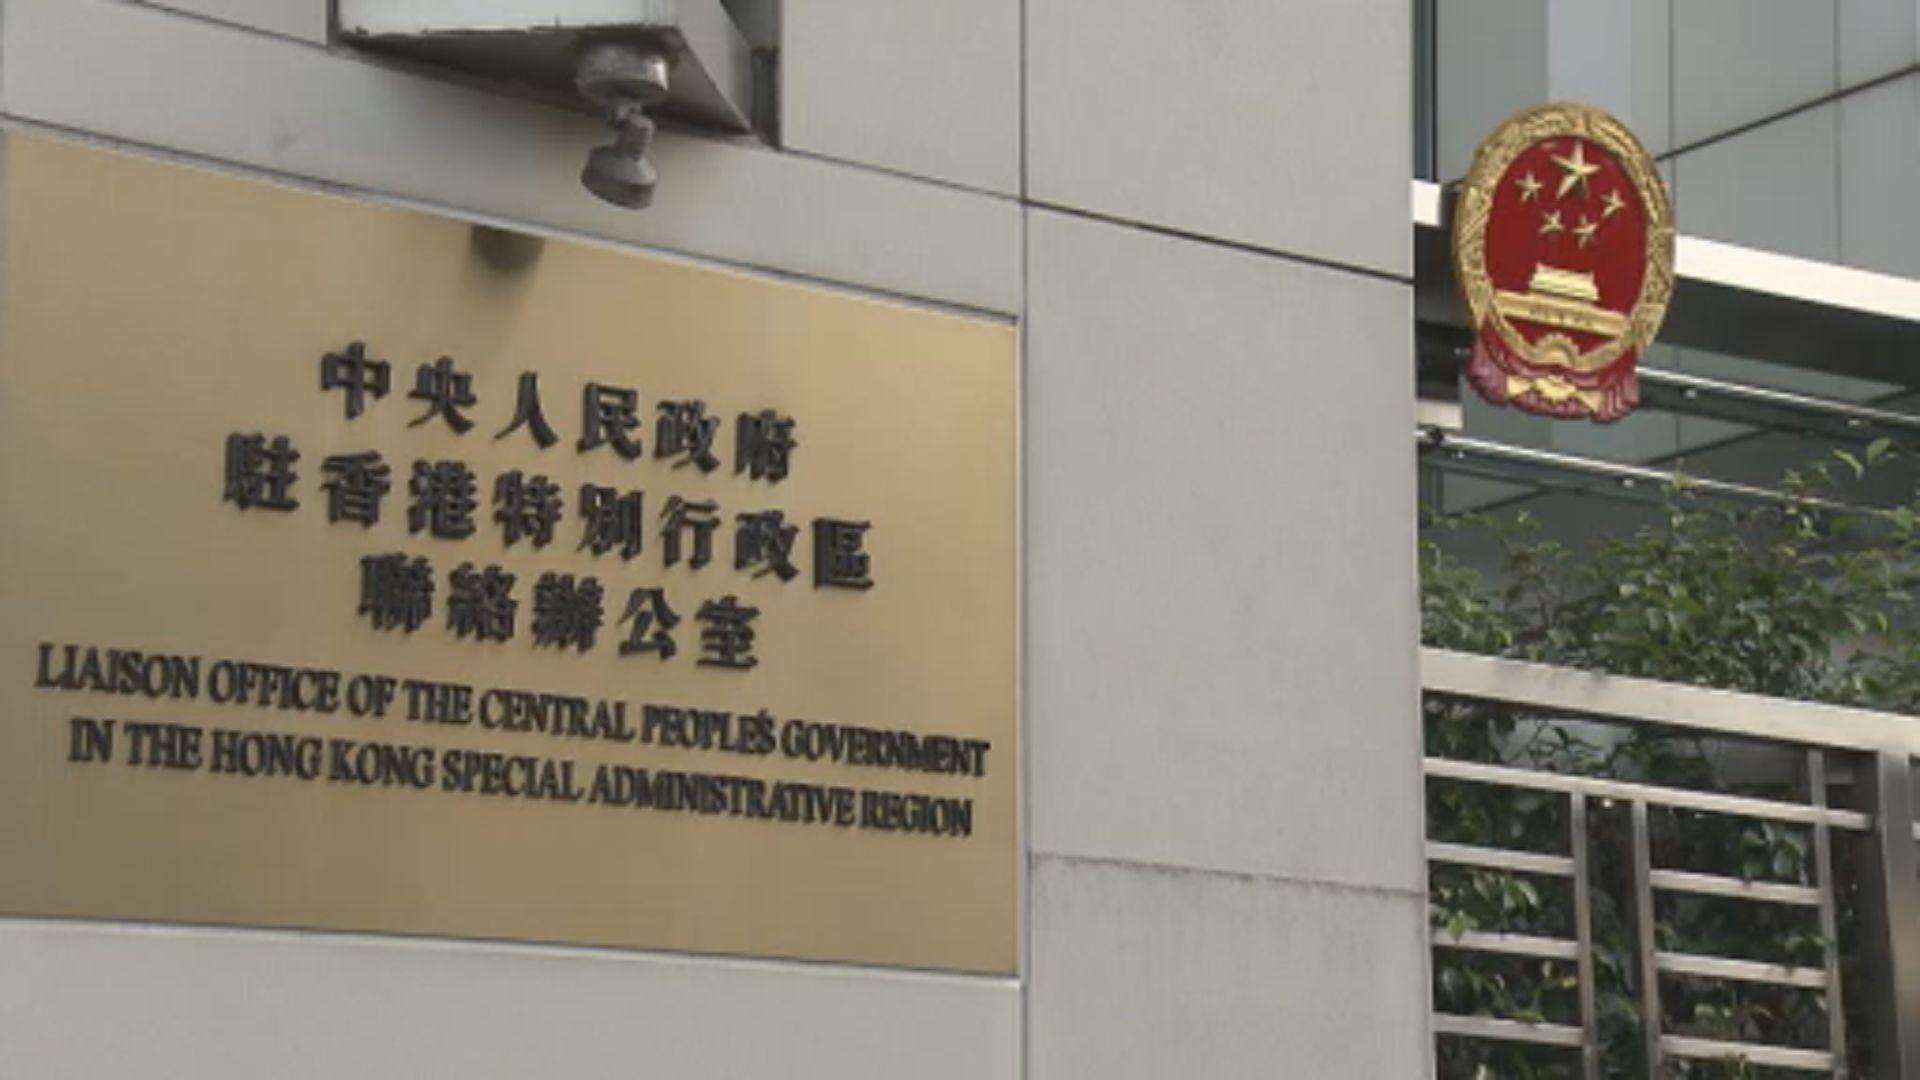 中聯辦:破壞立法會是對法治極大挑釁及踐踏